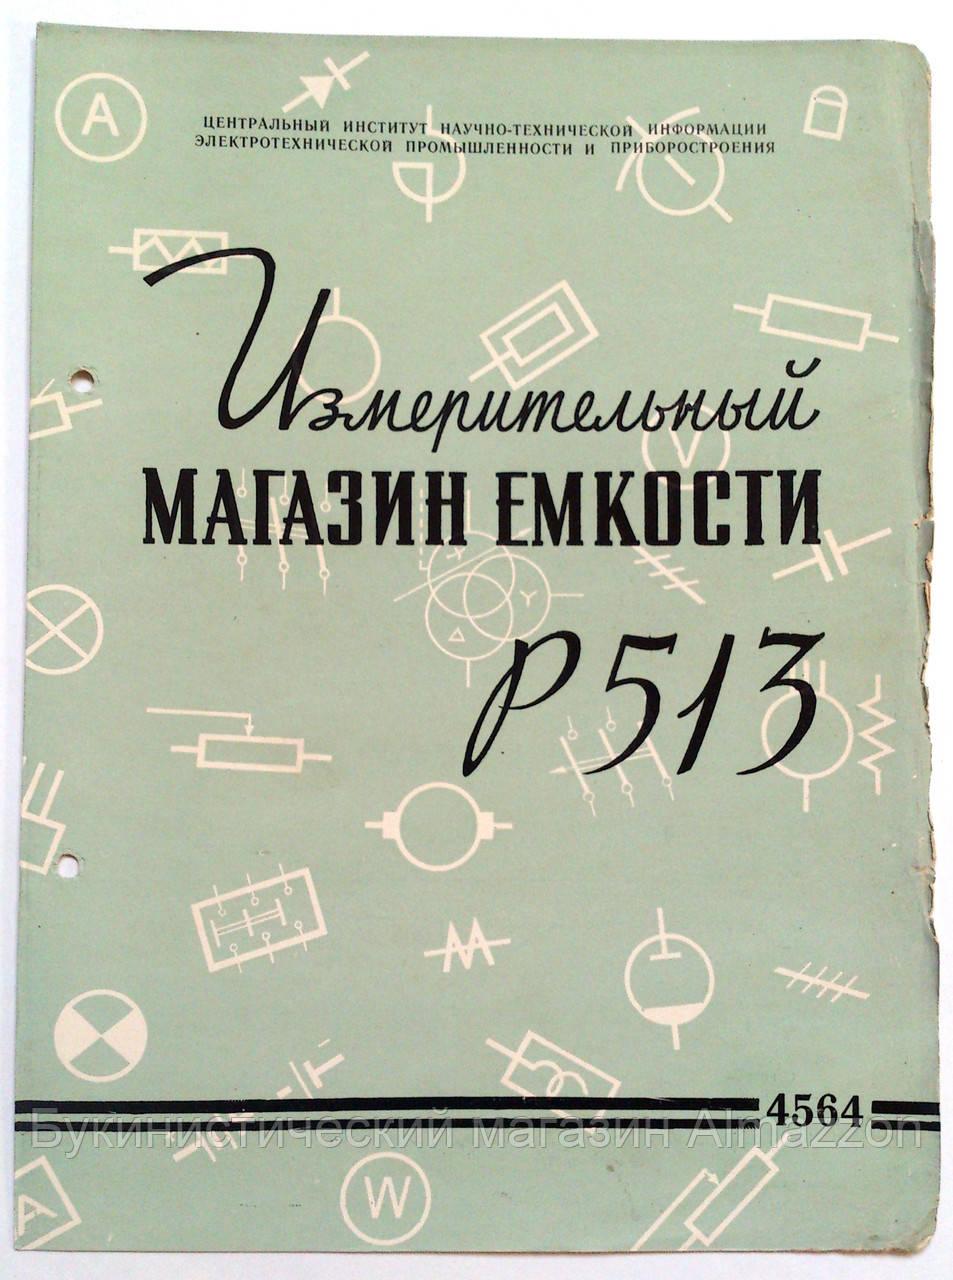 """Журнал (Бюллетень) """"Измерительный магазин емкости Р513"""" 1960 год"""